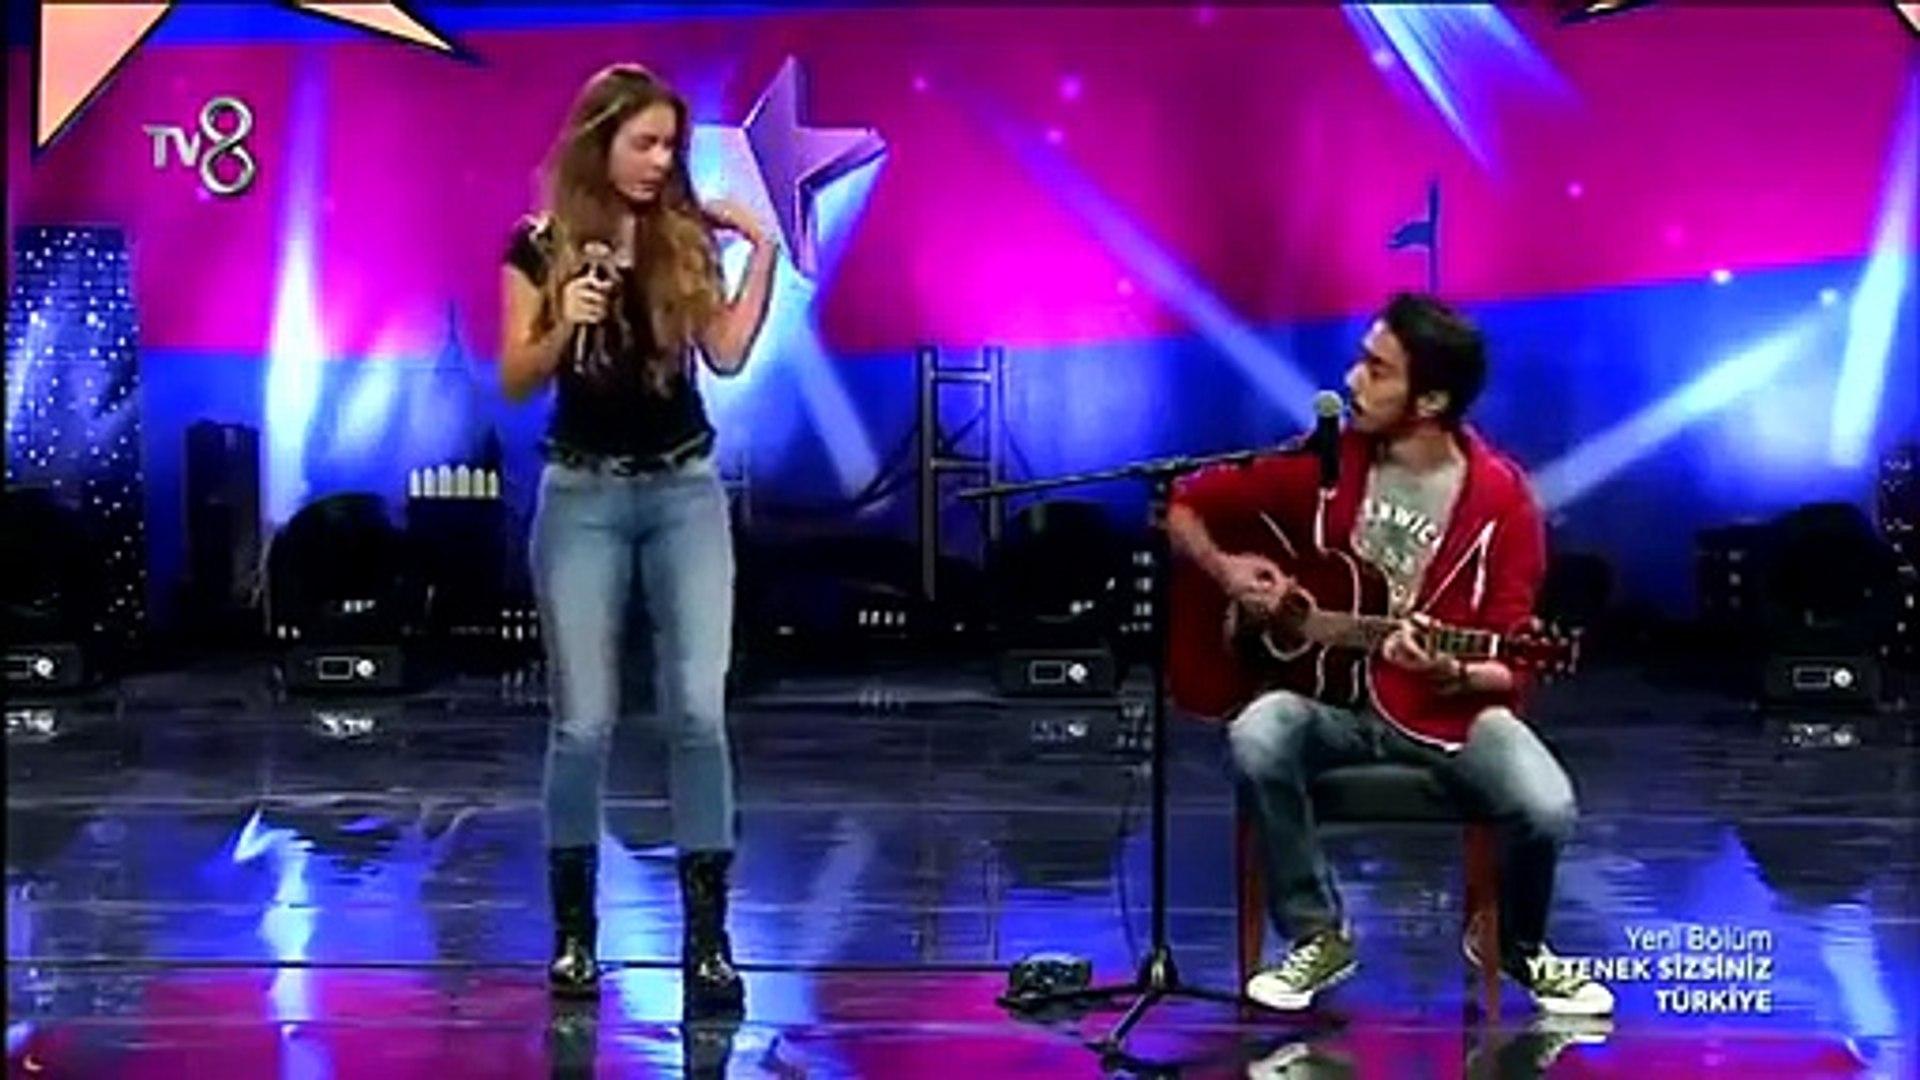 Türkiye nin Shakira sı Aleyna Tilki - Yetenek Sizsiniz Türkiye 2014